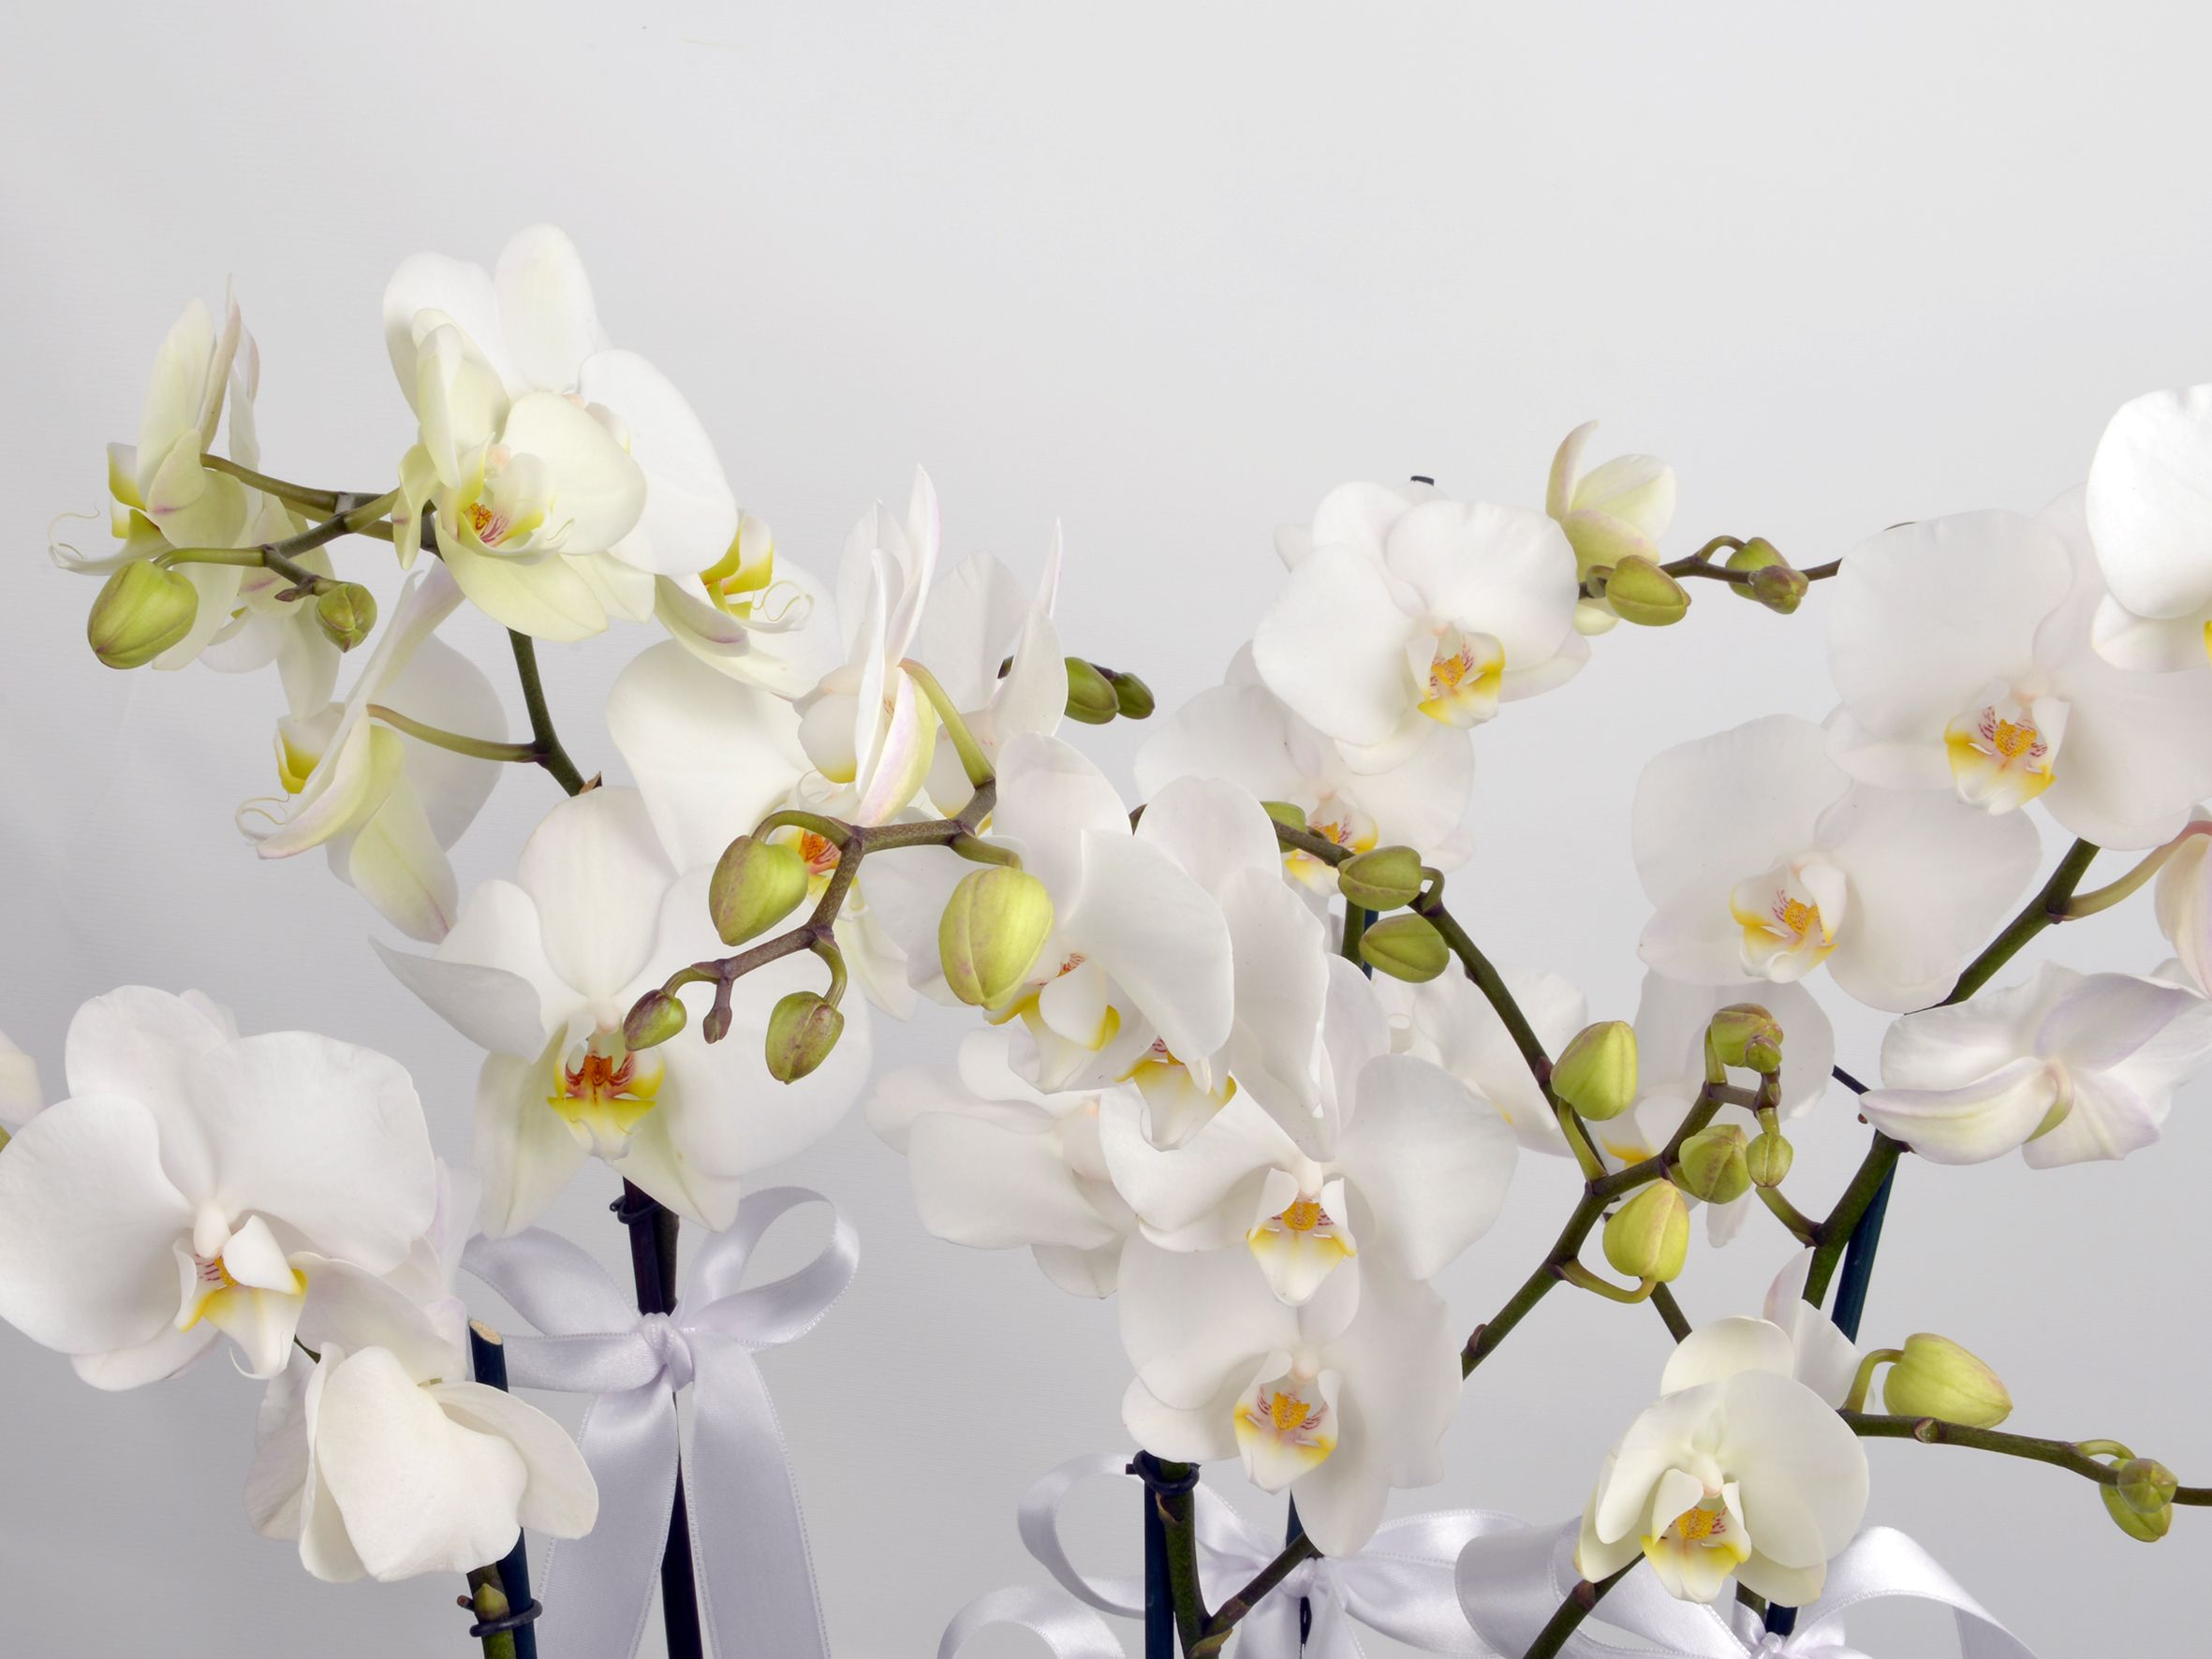 Orkide uygun sulanma başarıya giden yol